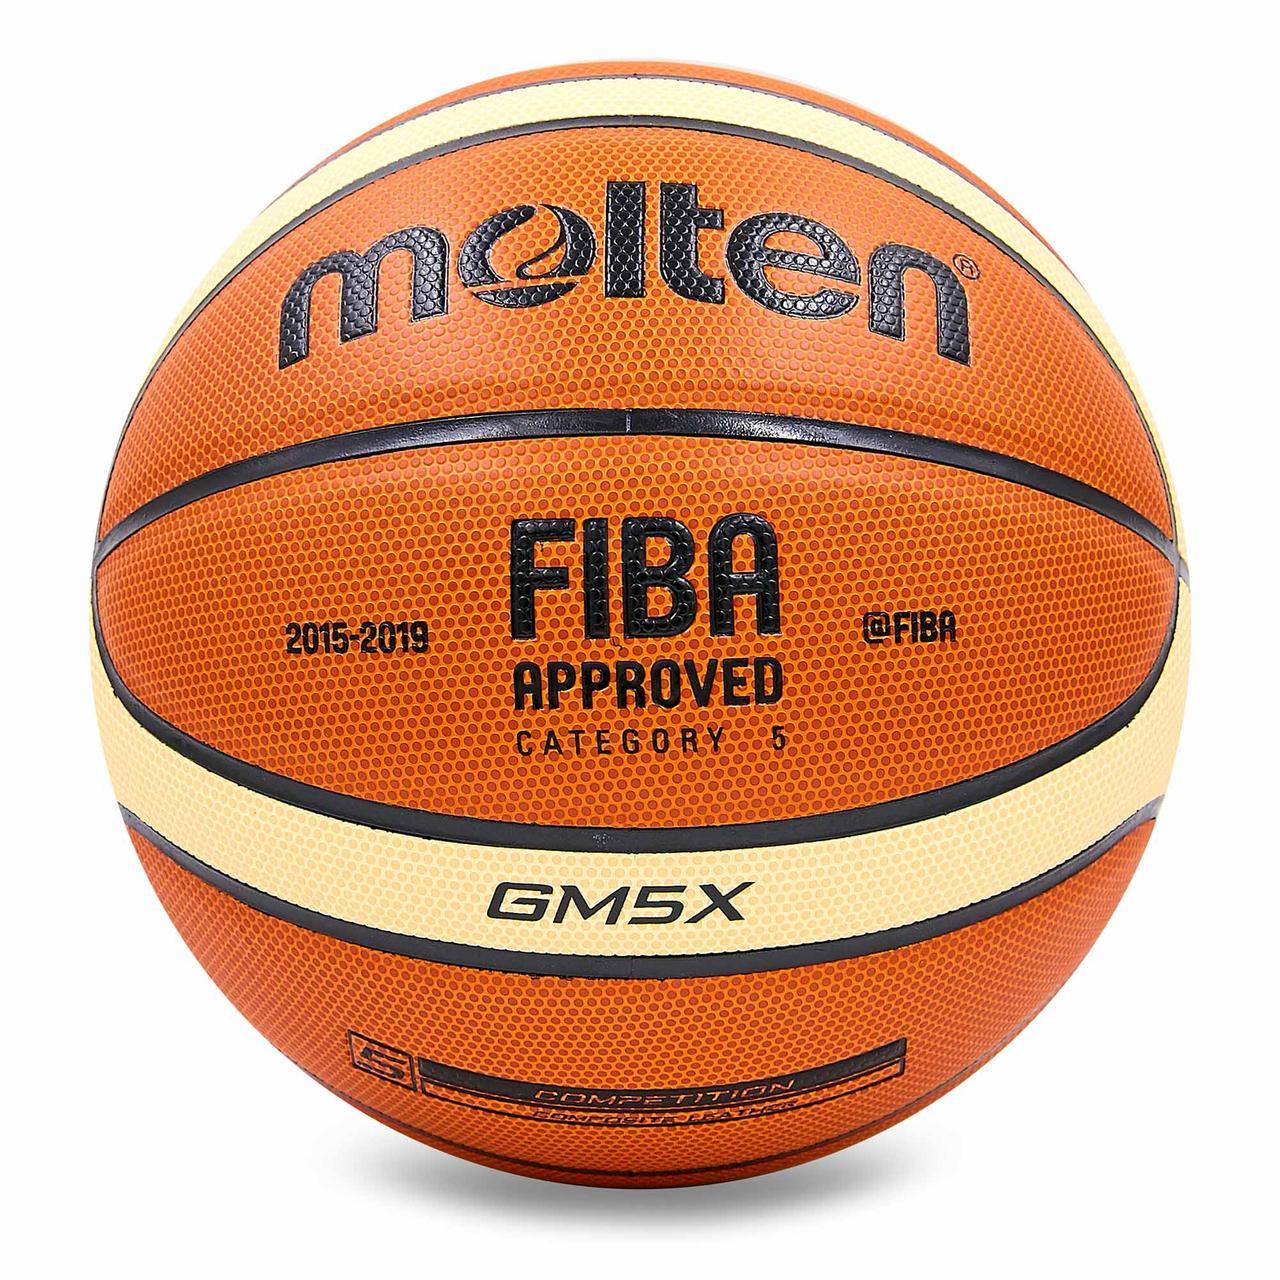 Мяч баскетбольный PU №5 MOLTEN BGM5X (PU, бутил, оранжевый-бежевый)